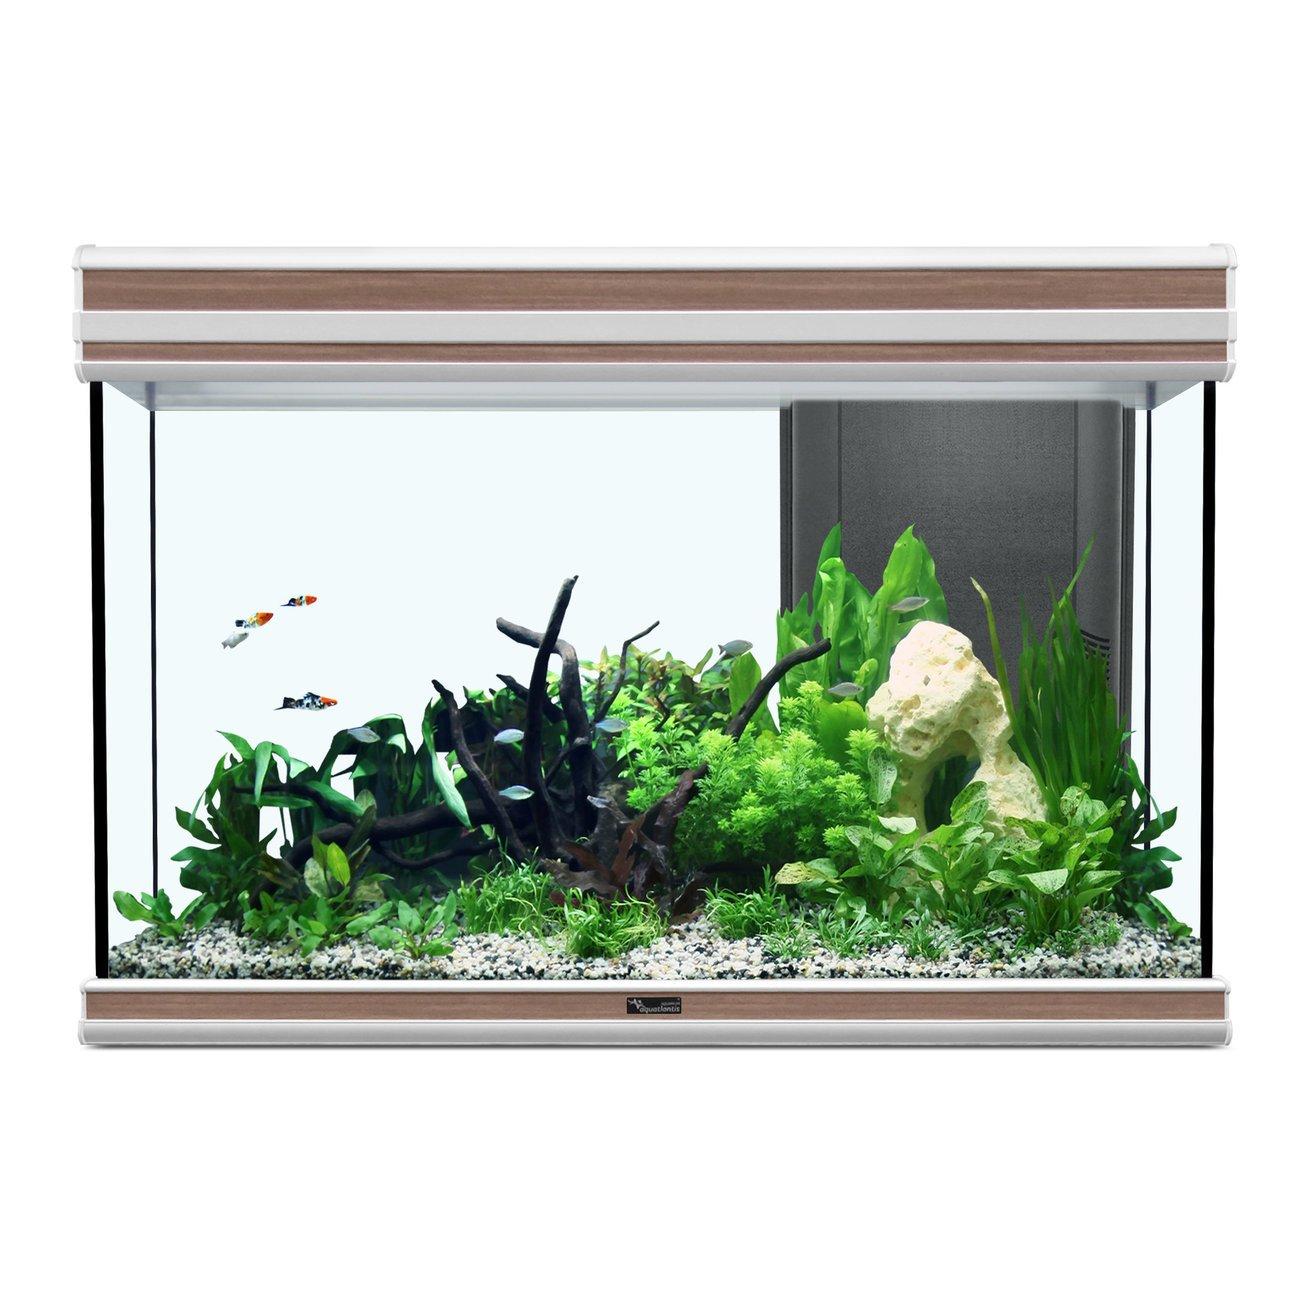 Aquatlantis Fusion 80 Aquarium, Bild 3